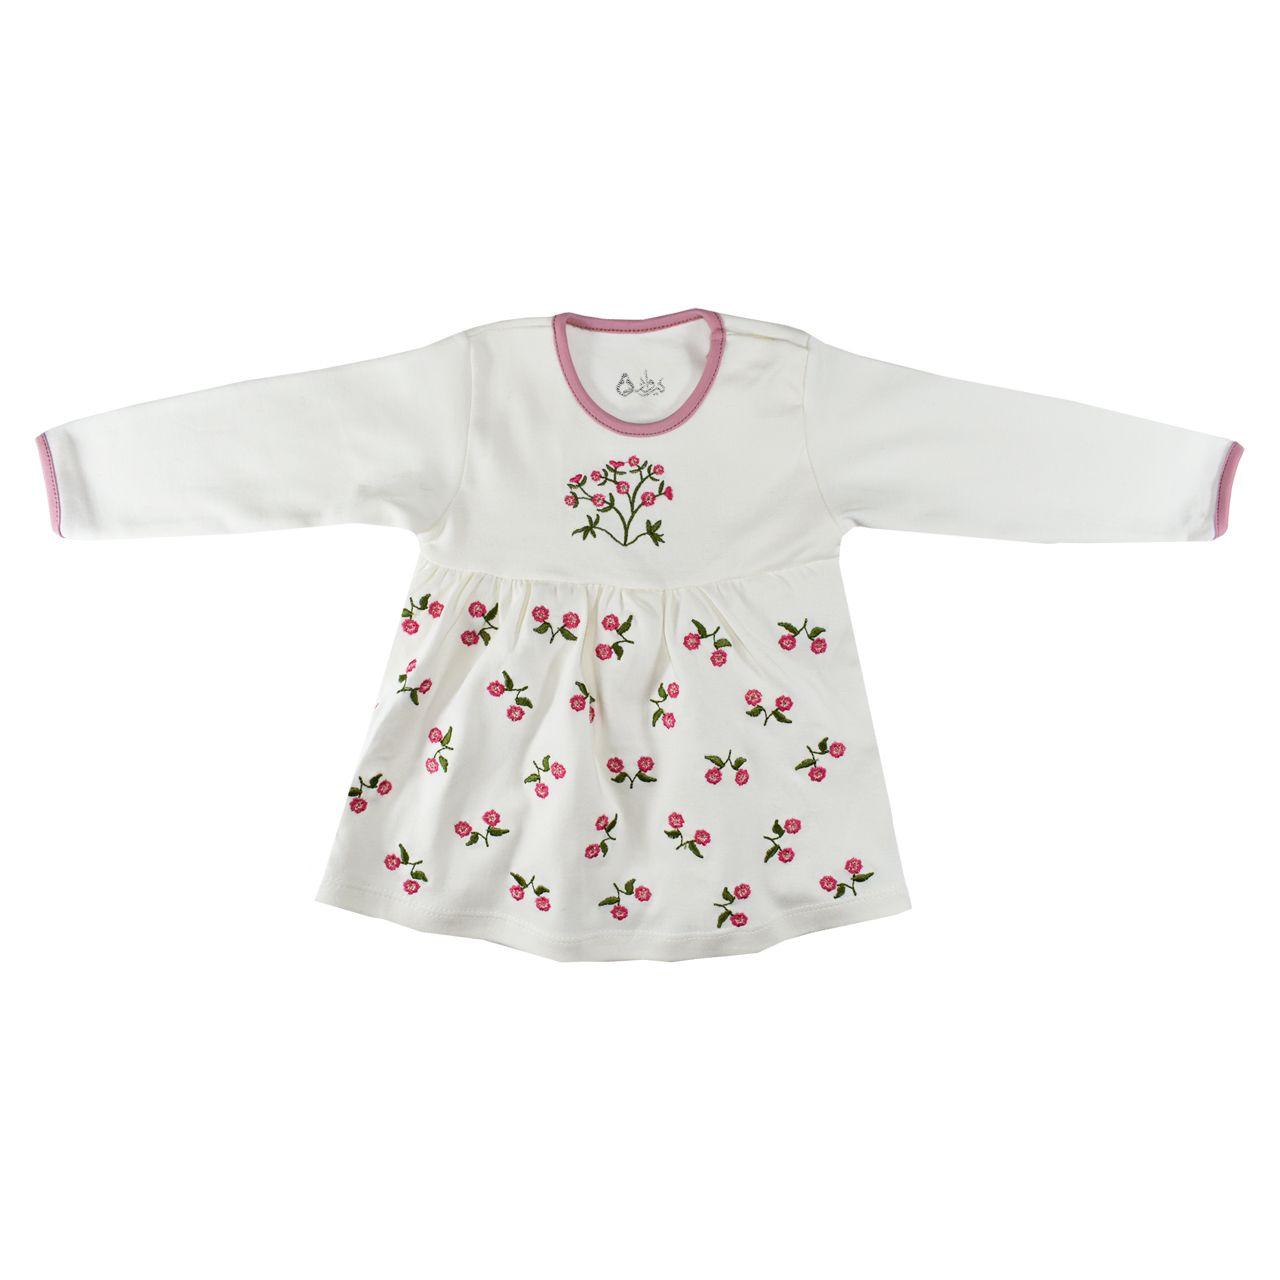 ست 5 تکه لباس نوزادی نیروان طرح گل کد 4 -  - 9